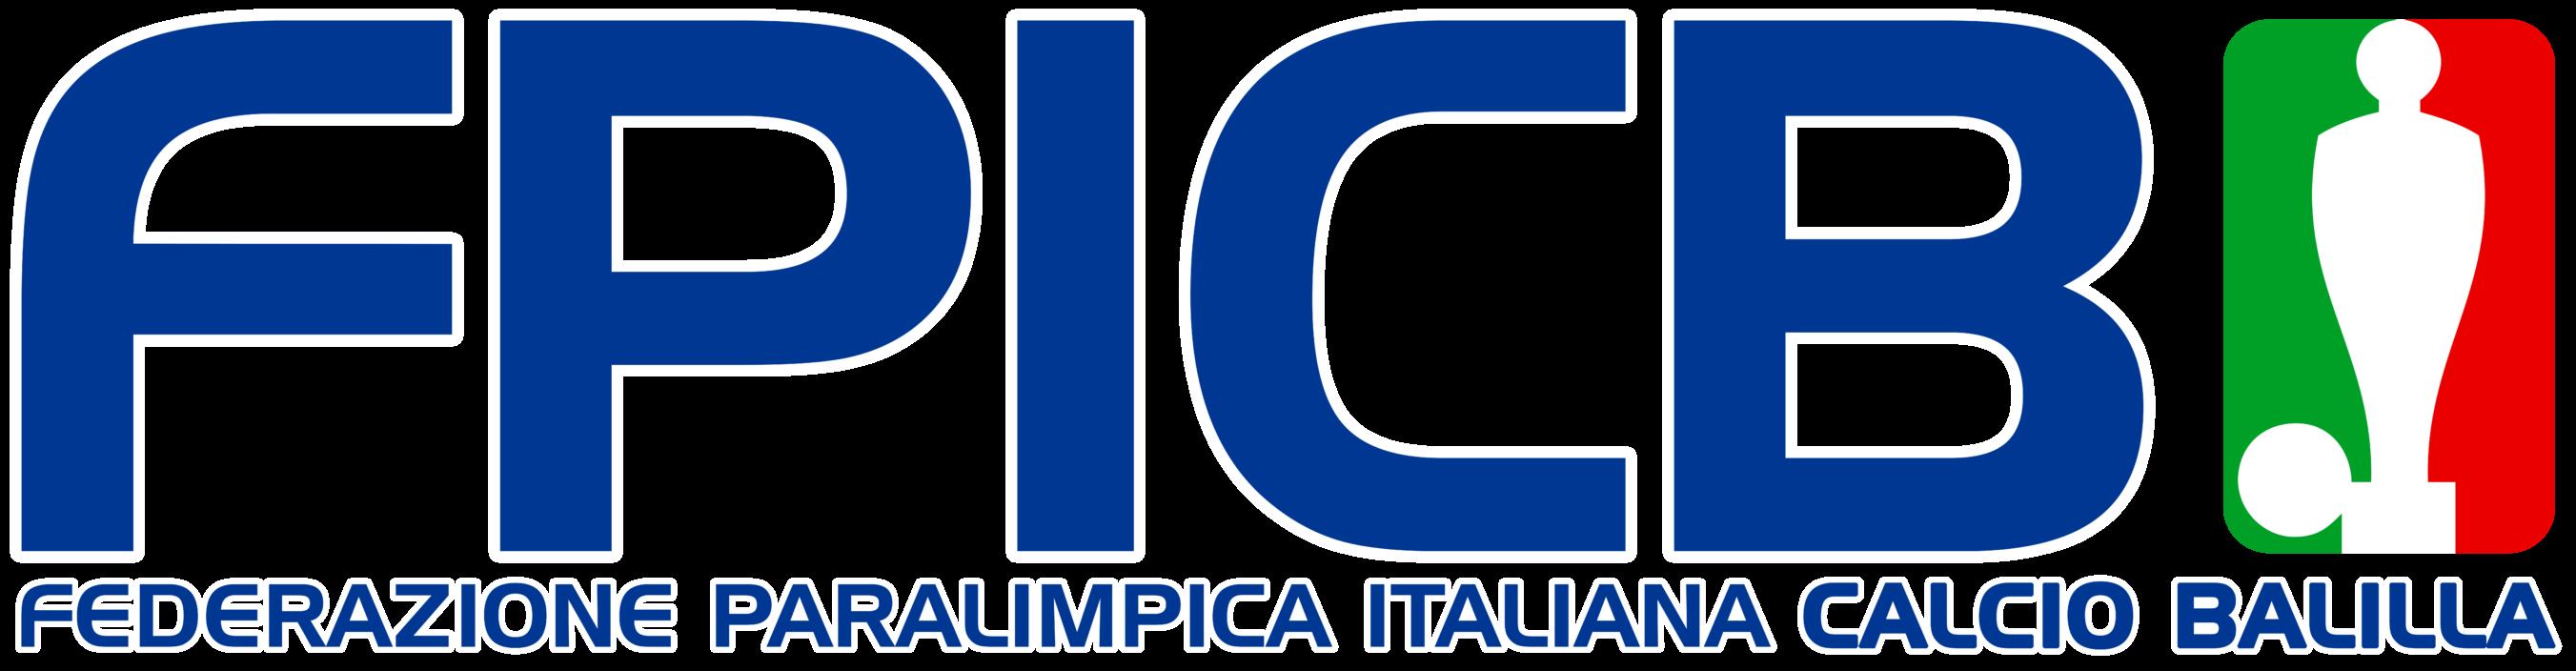 Logo Federazione Paralimpica Italiana Calcio Balilla